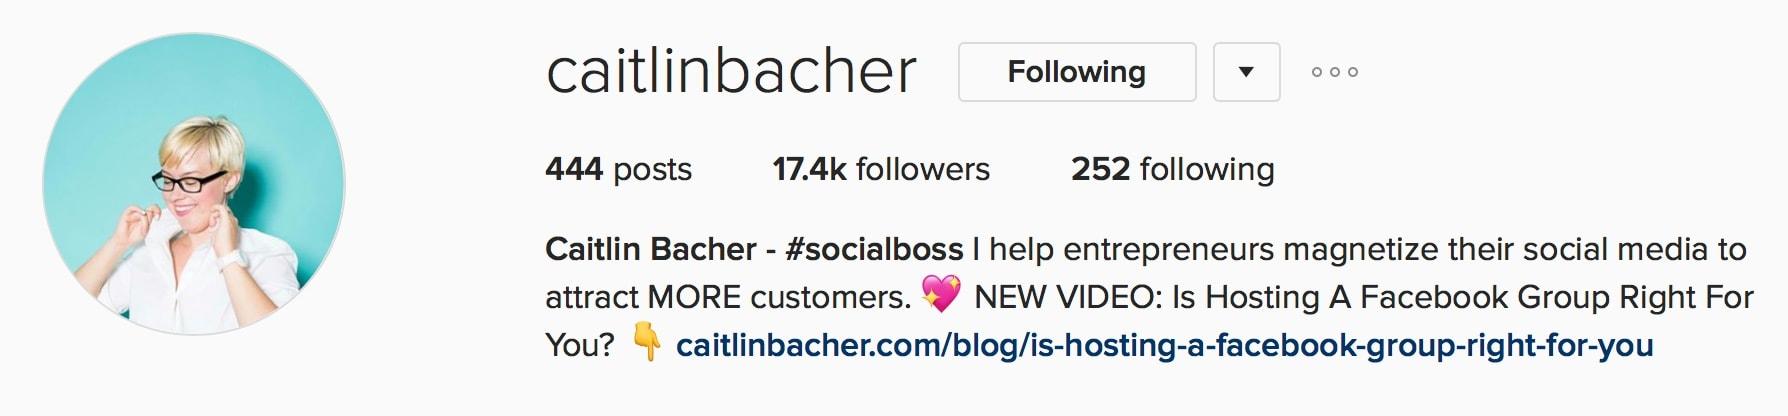 Caitlin Bacher Social Media Strategy